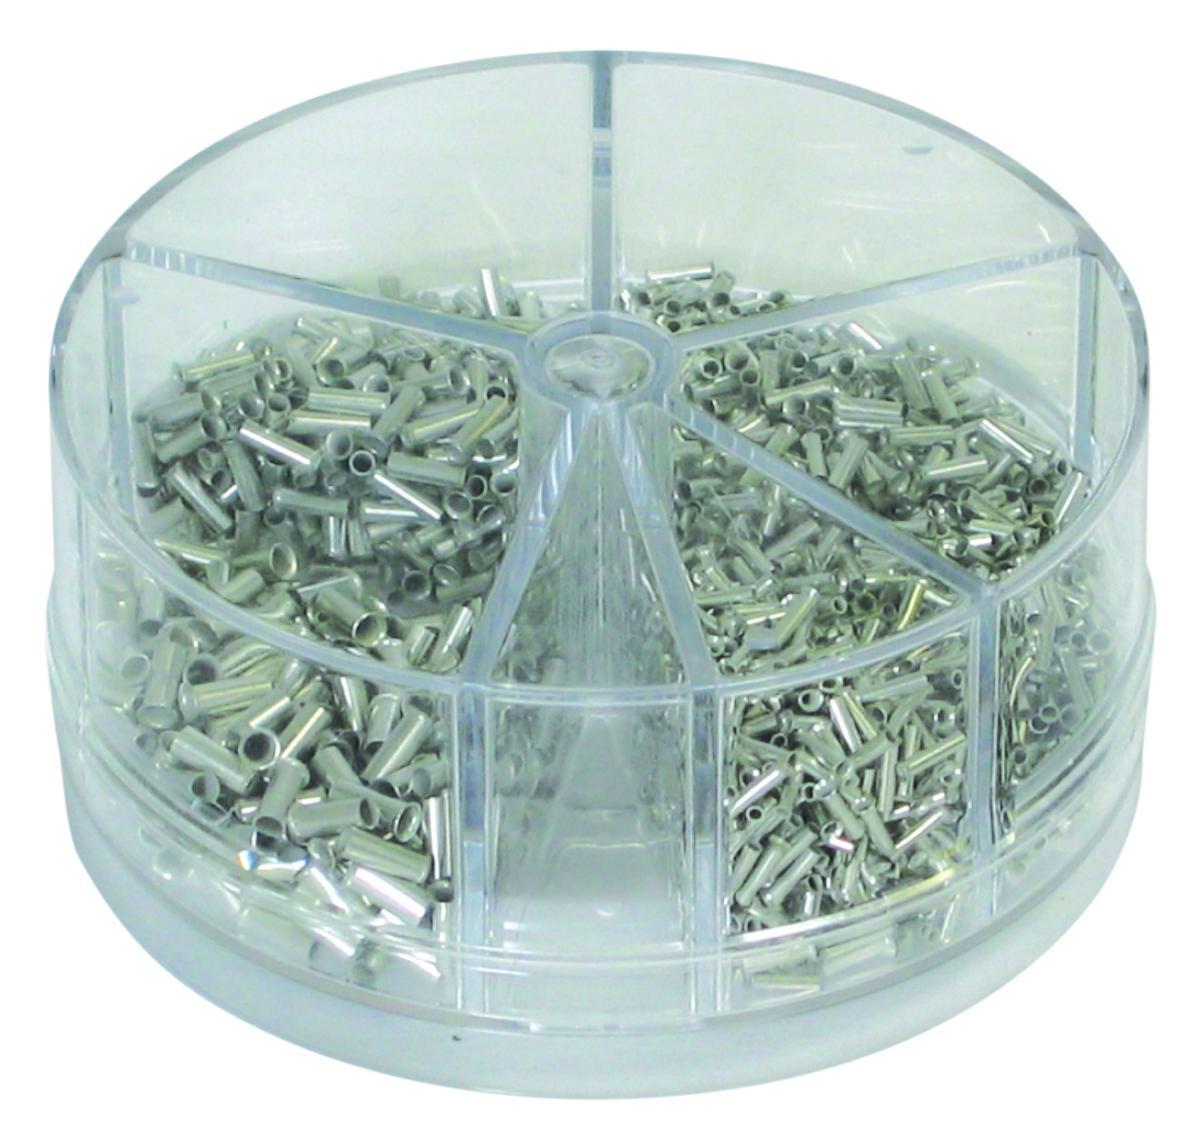 Boite d/'assortiment de 1900 embouts de câblage nus de 0.5 à 2.5 mm²